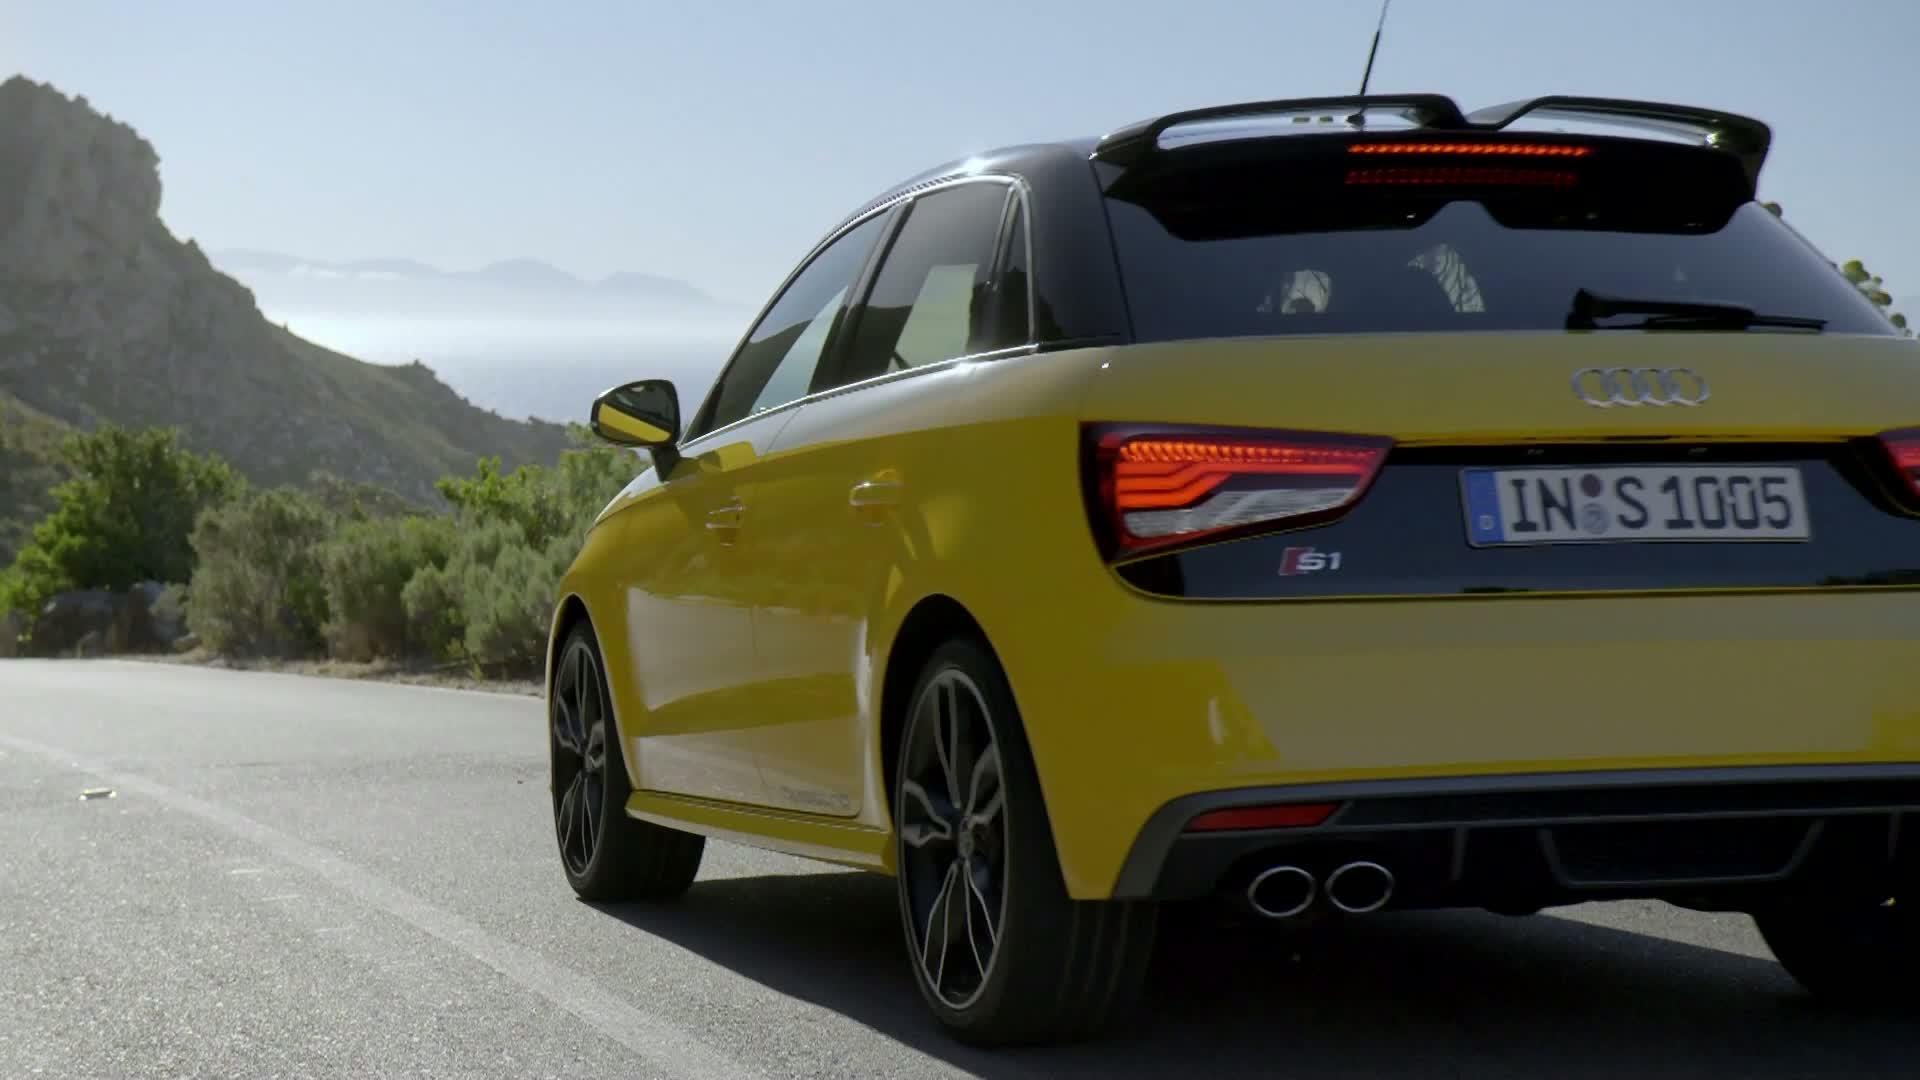 Der Audi S1